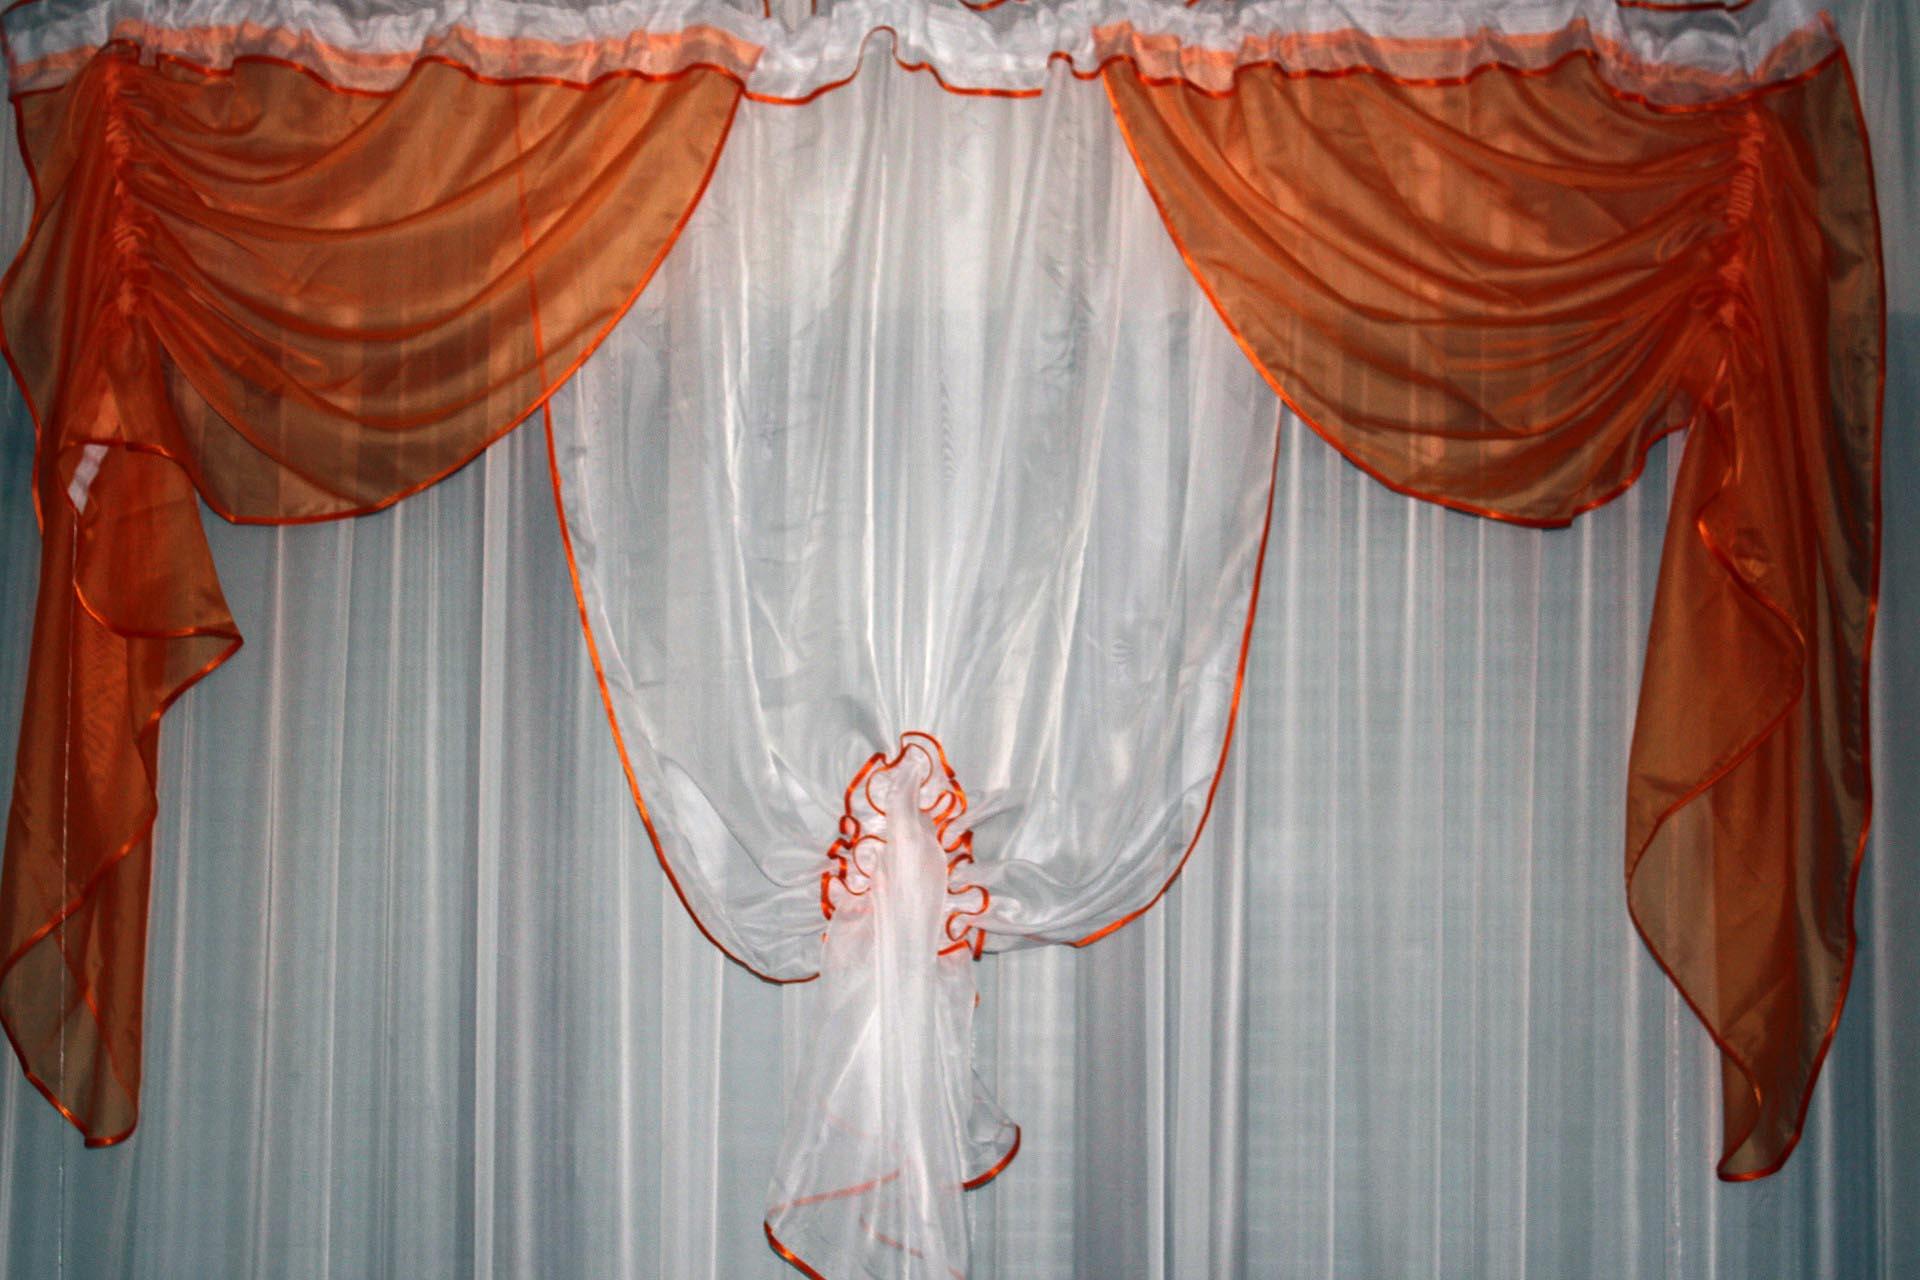 Ráncolós függöny - Függöny Webáruház és lakástextil - Flóra 8c138d3424